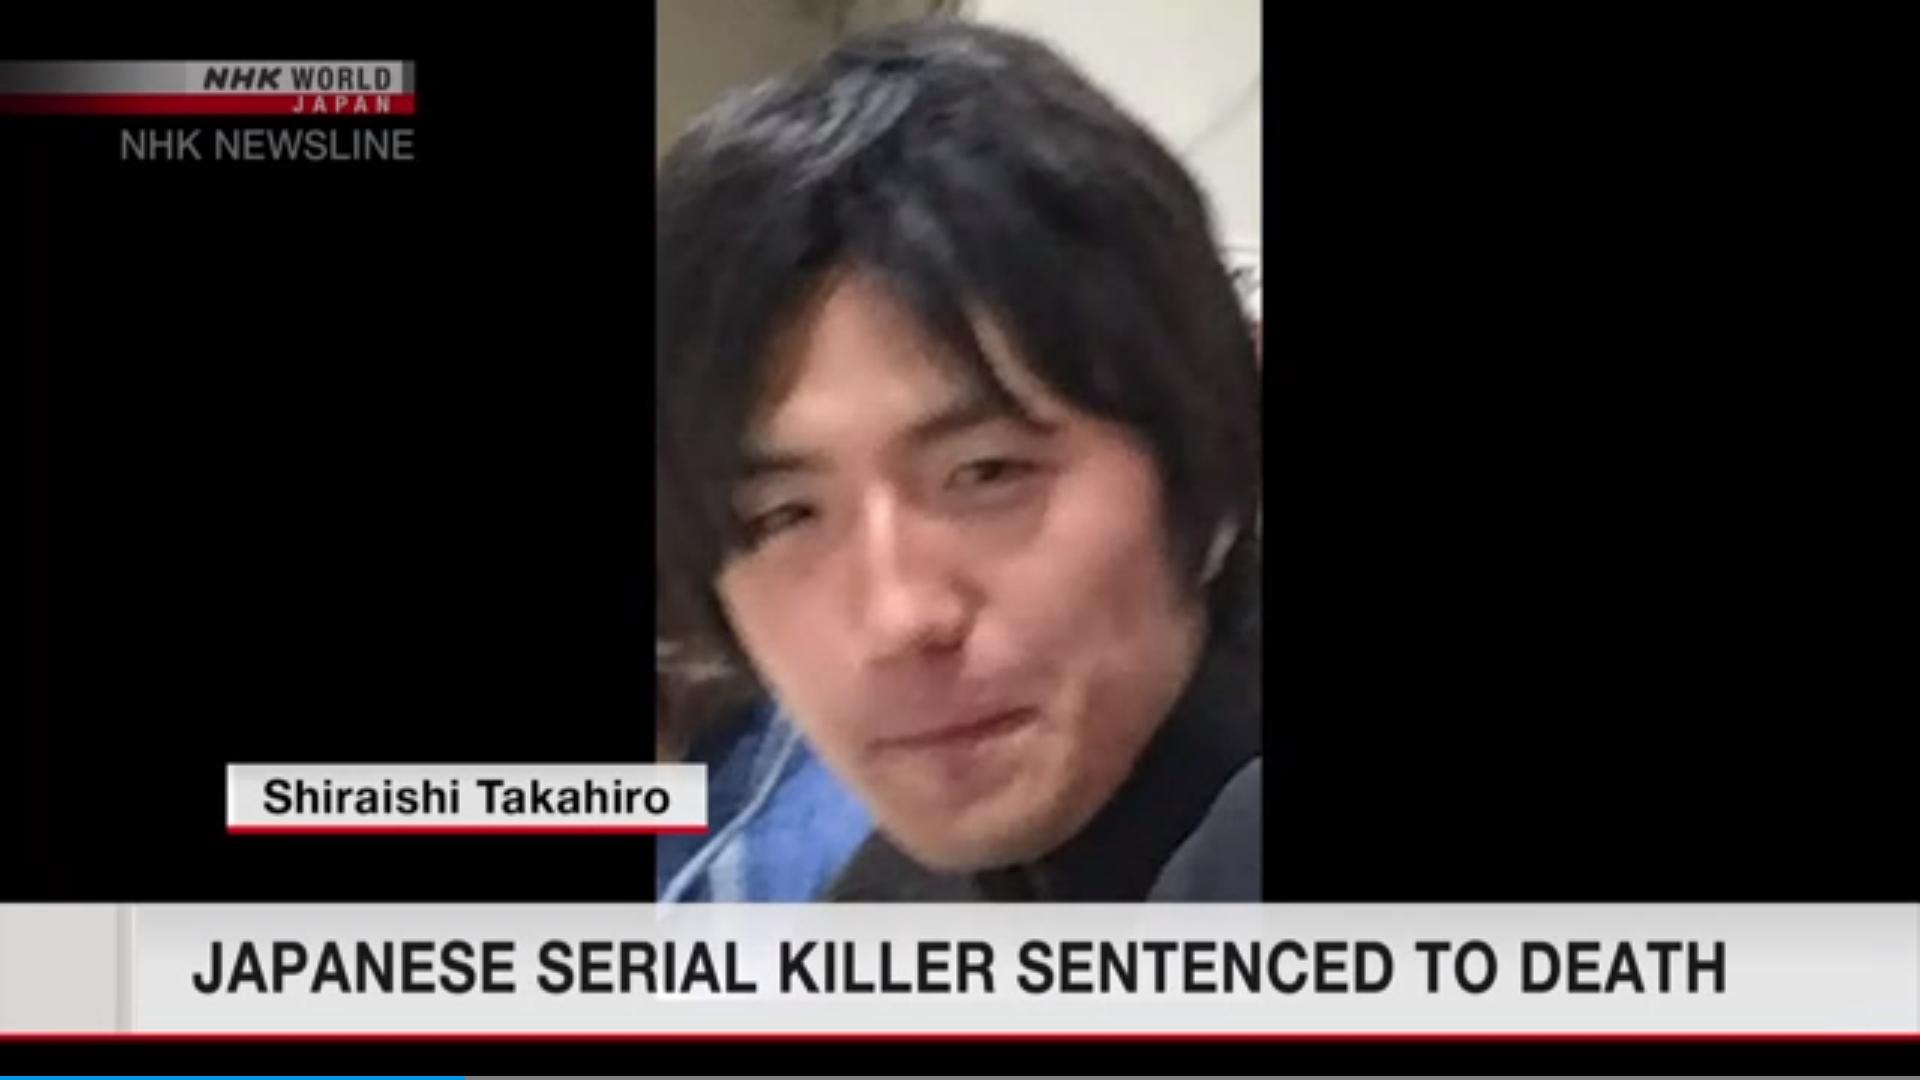 IMAGEM: 'Assassino do Twitter' condenado à pena de morte no Japão